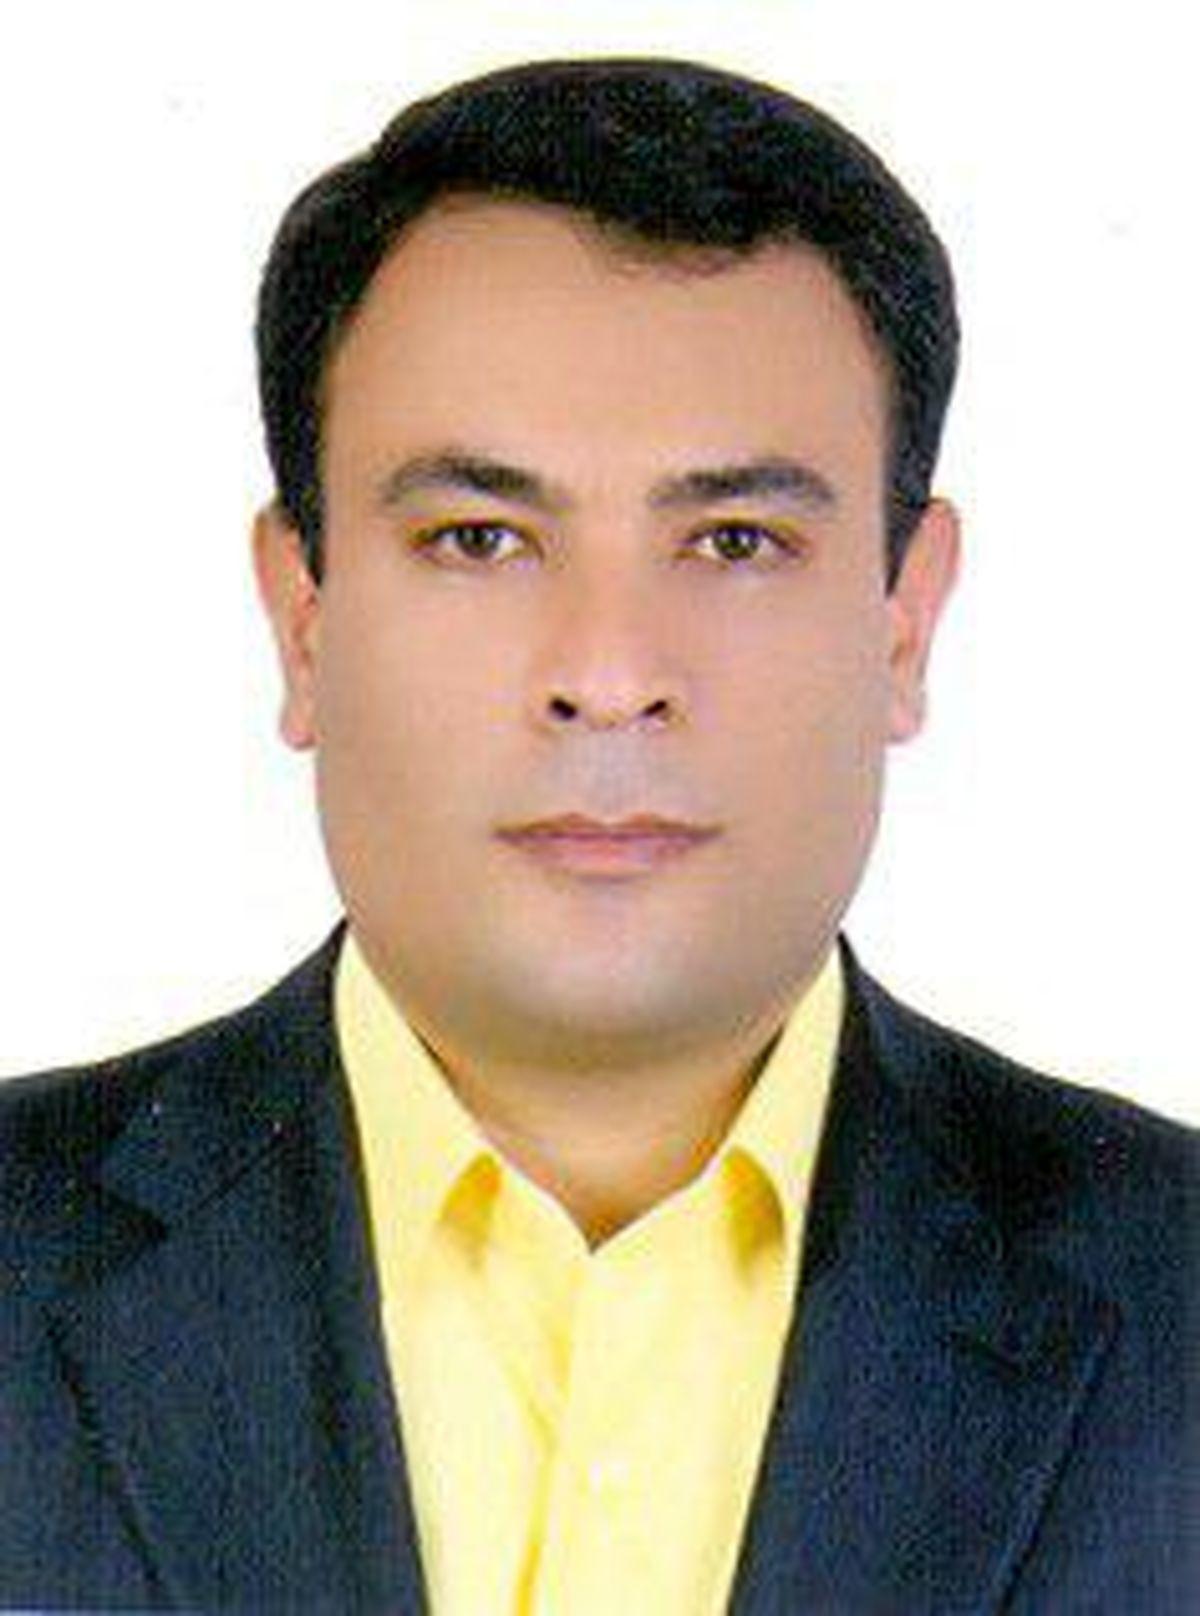 محسن نادری بعنوان معاونت مالی و اقتصادی شرکت منصوب شد